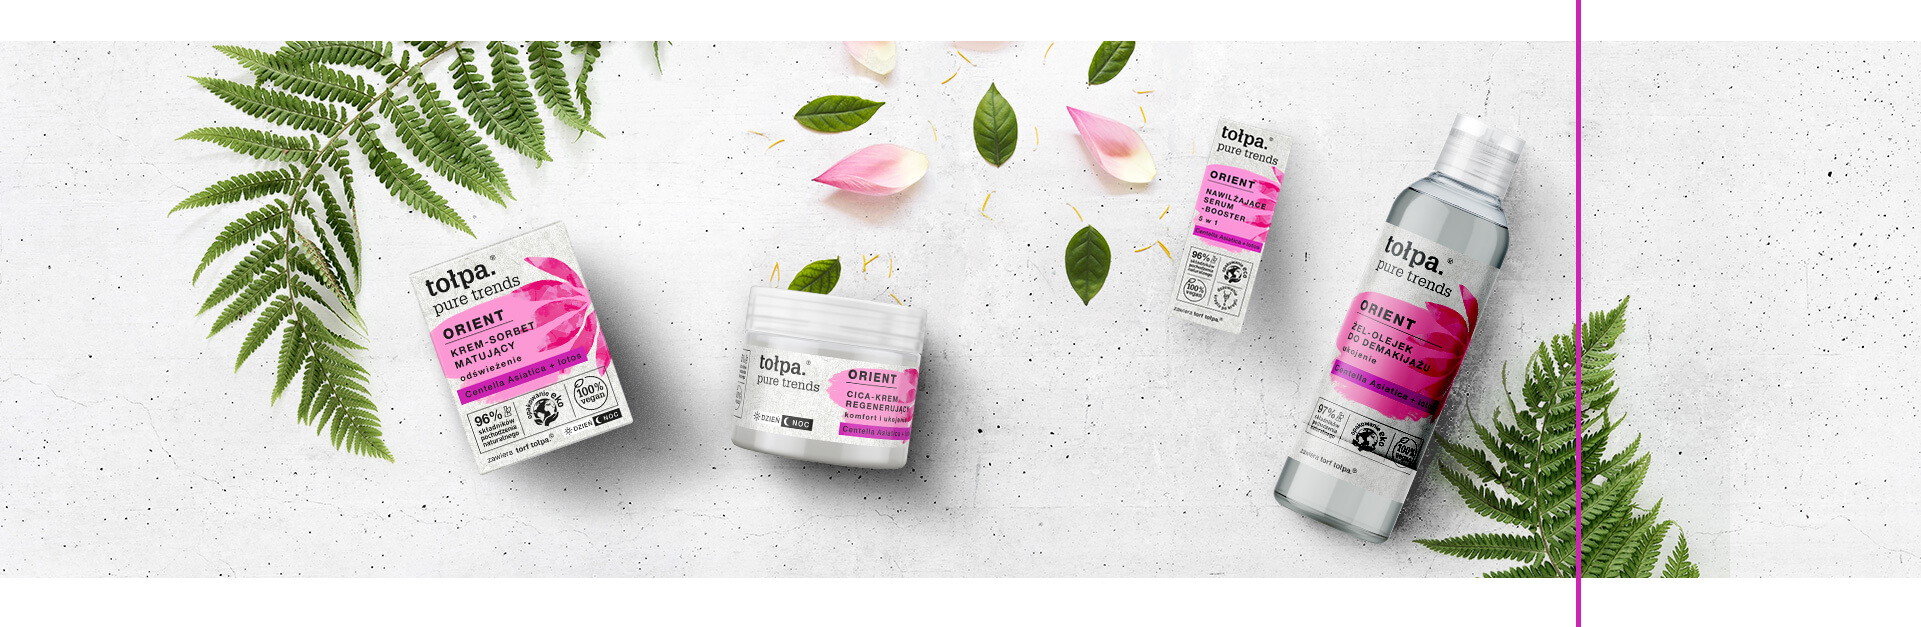 Pure Trends Orient - naturalne kosmetyki, azjatycka pielęgnacja twarzy